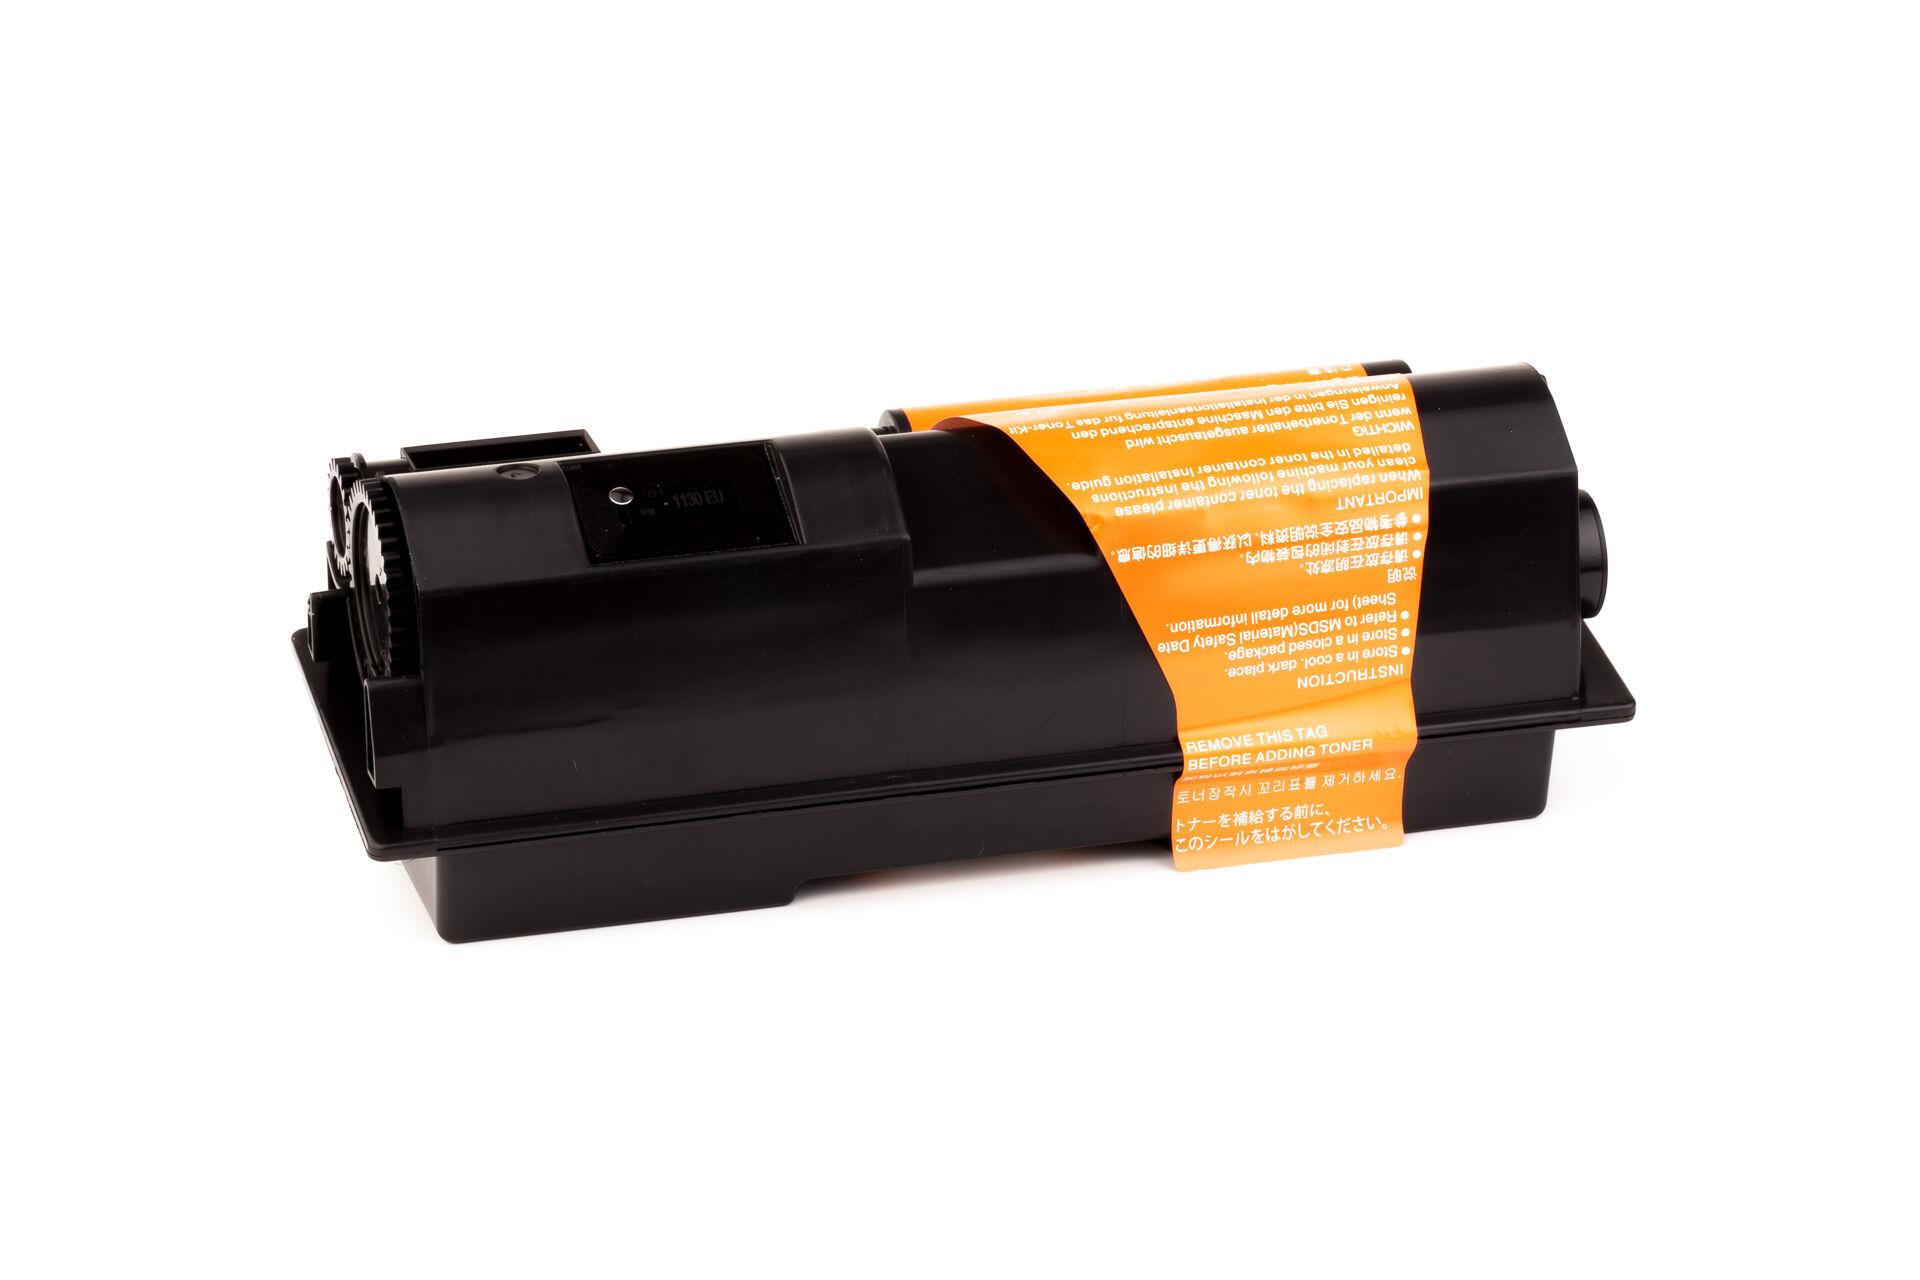 Kyocera Cartouche de Toner pour Kyocera 1T02MJ0NL0 / TK-1130 noir compatible (de marque ASC)